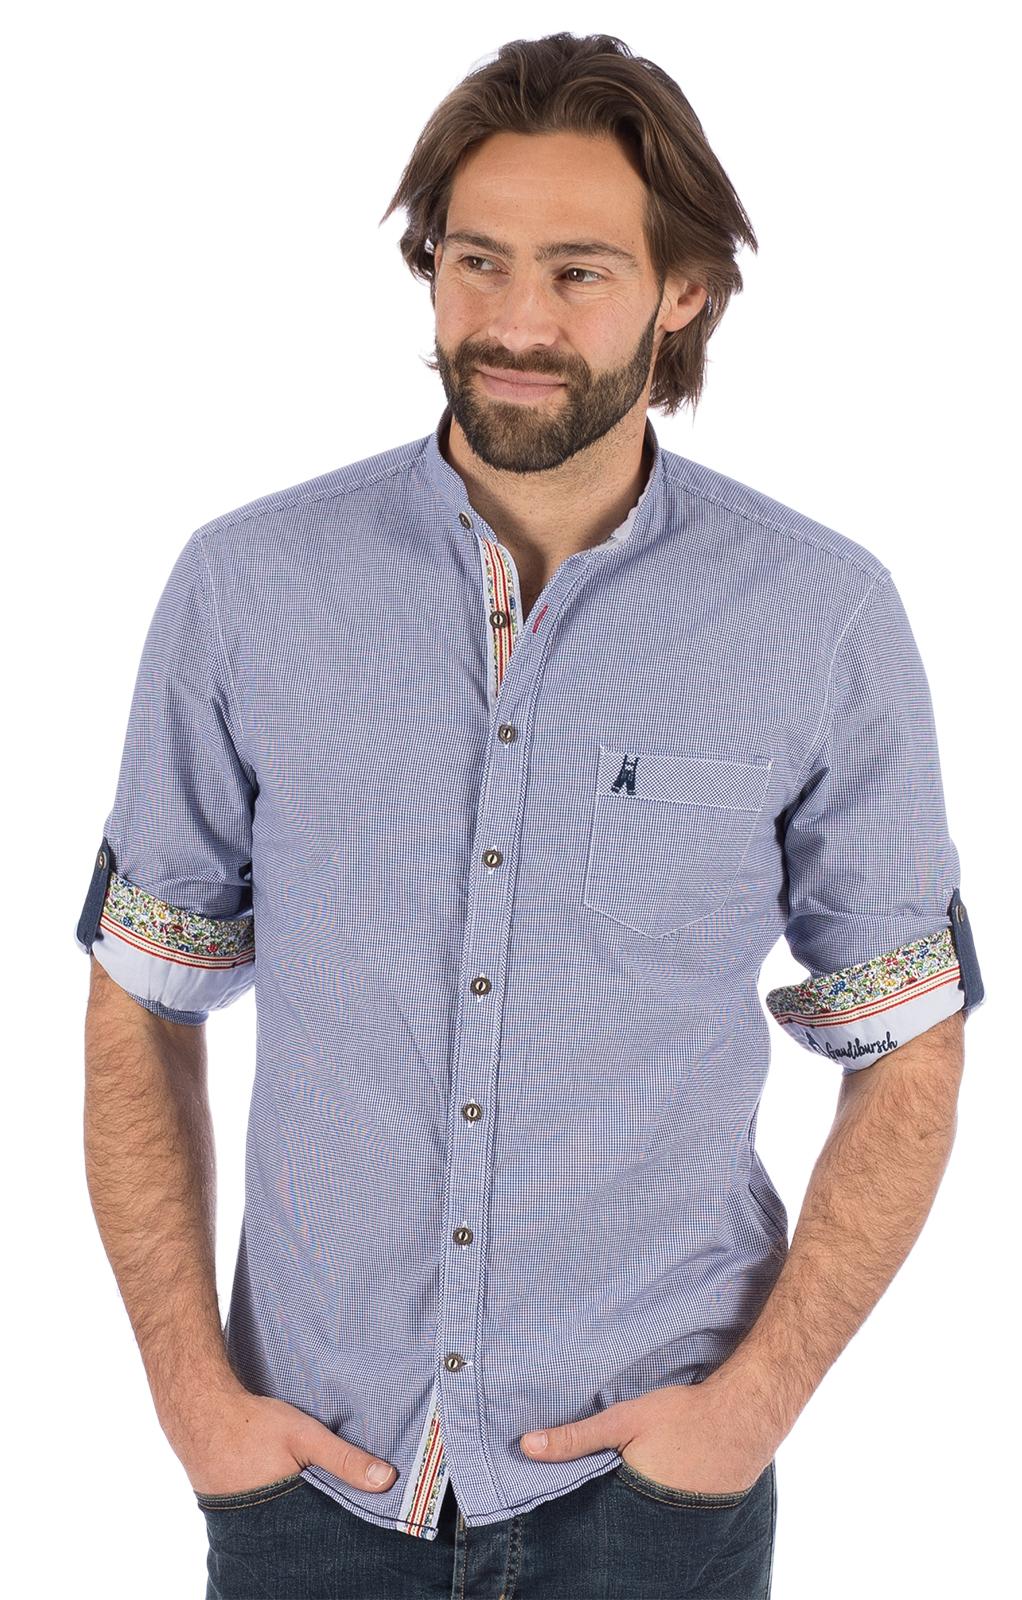 weitere Bilder von Trachtenhemd Langarm FAIT blau